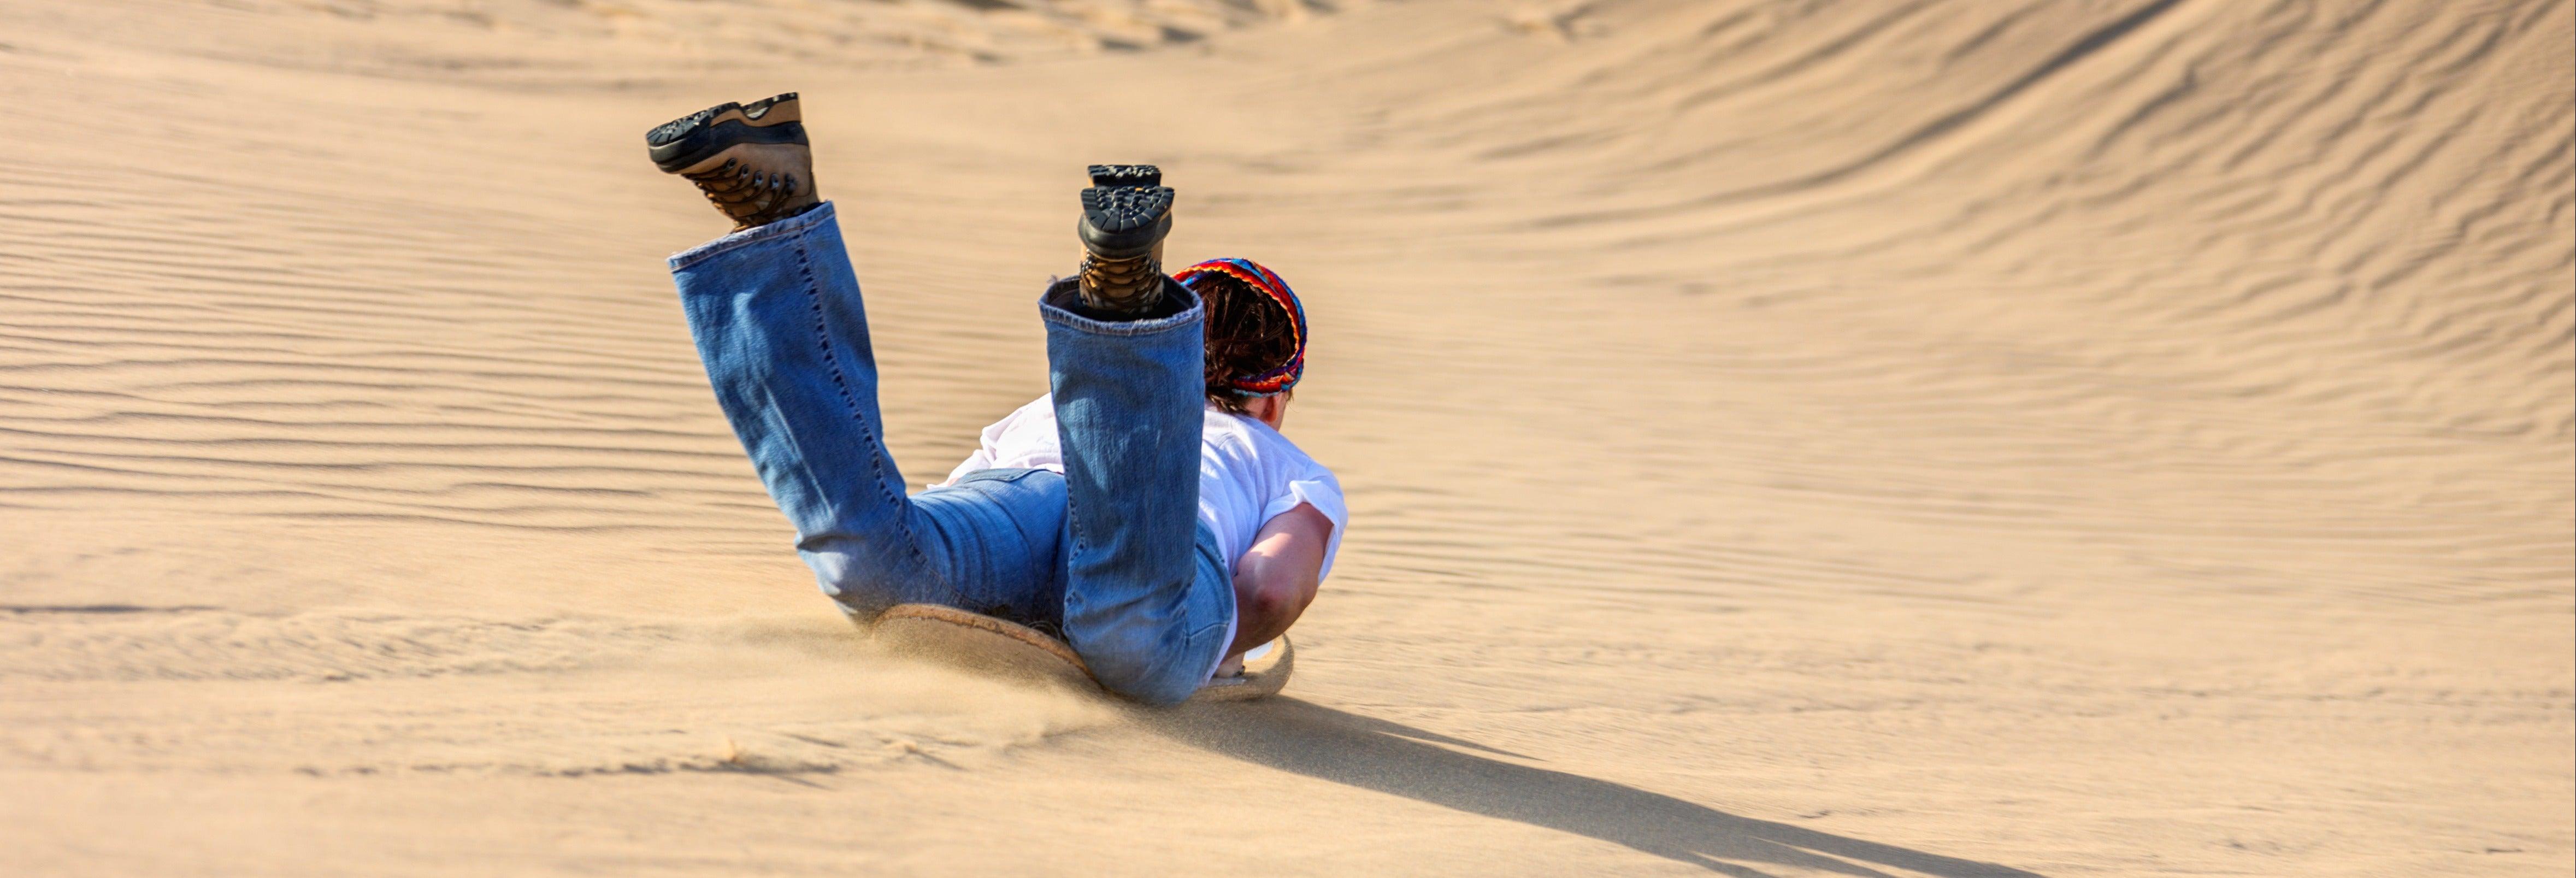 Sandboarding en Agadir